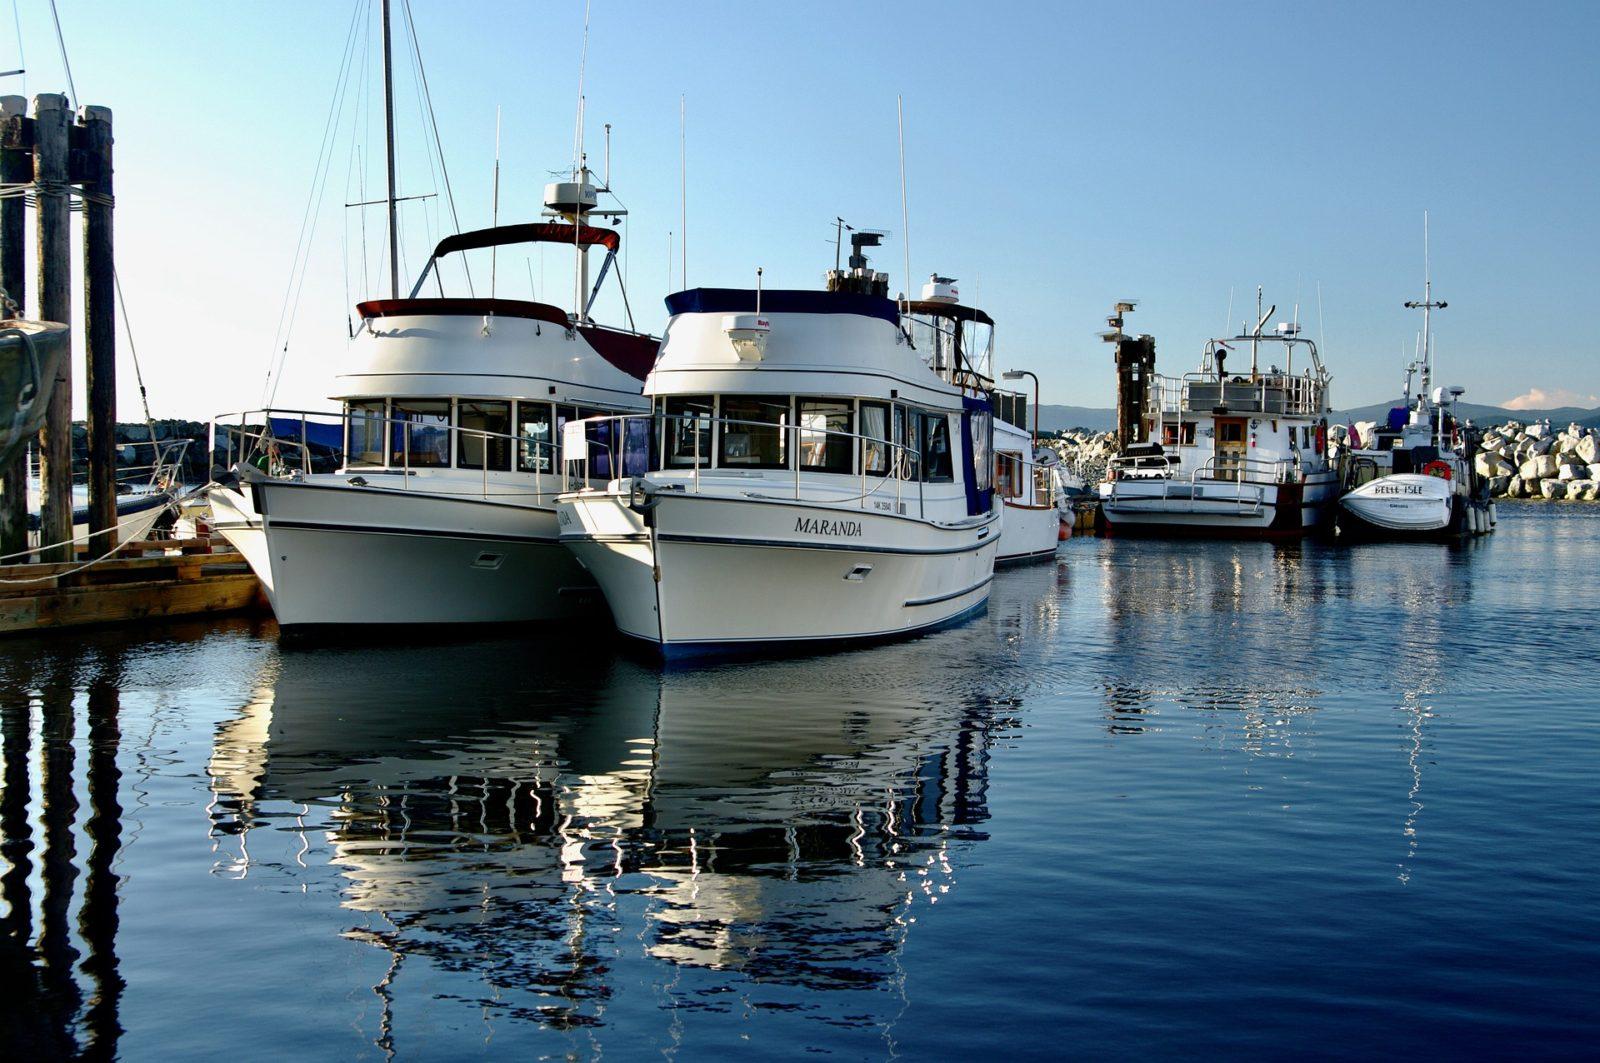 Barco santander torrelavega cantabria